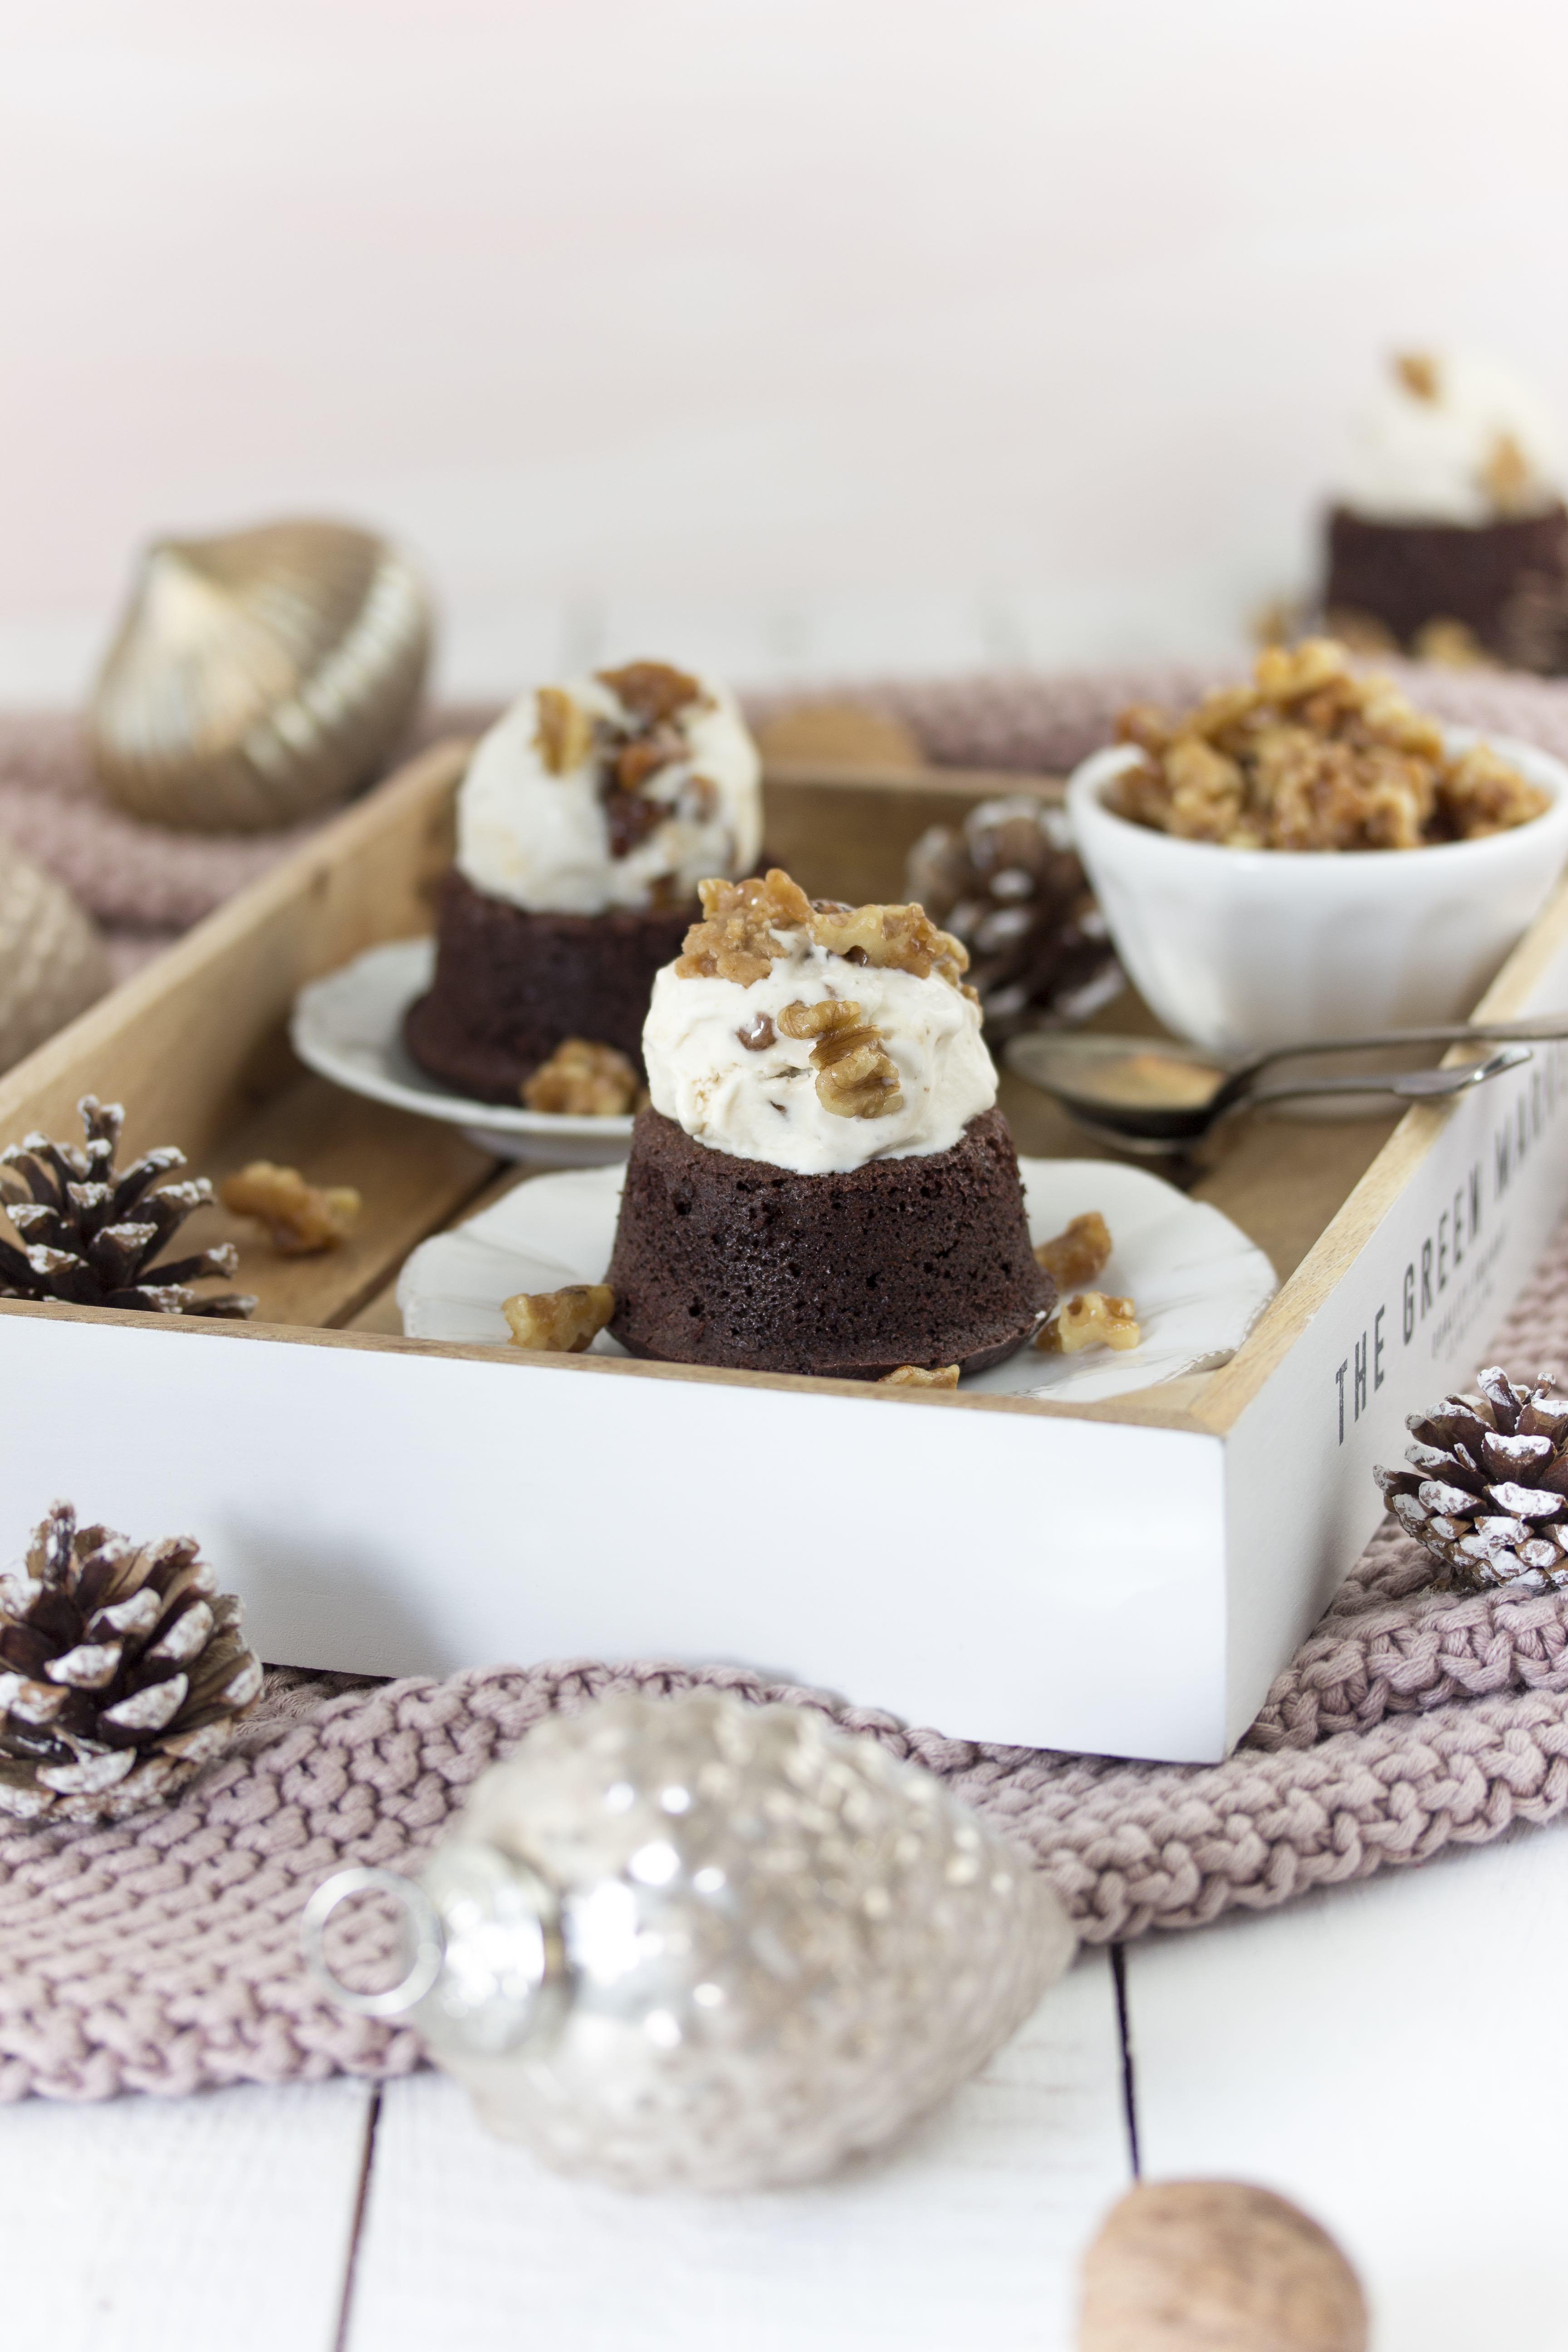 Maple Walnuts Eis auf Schokoladen-Törtchen